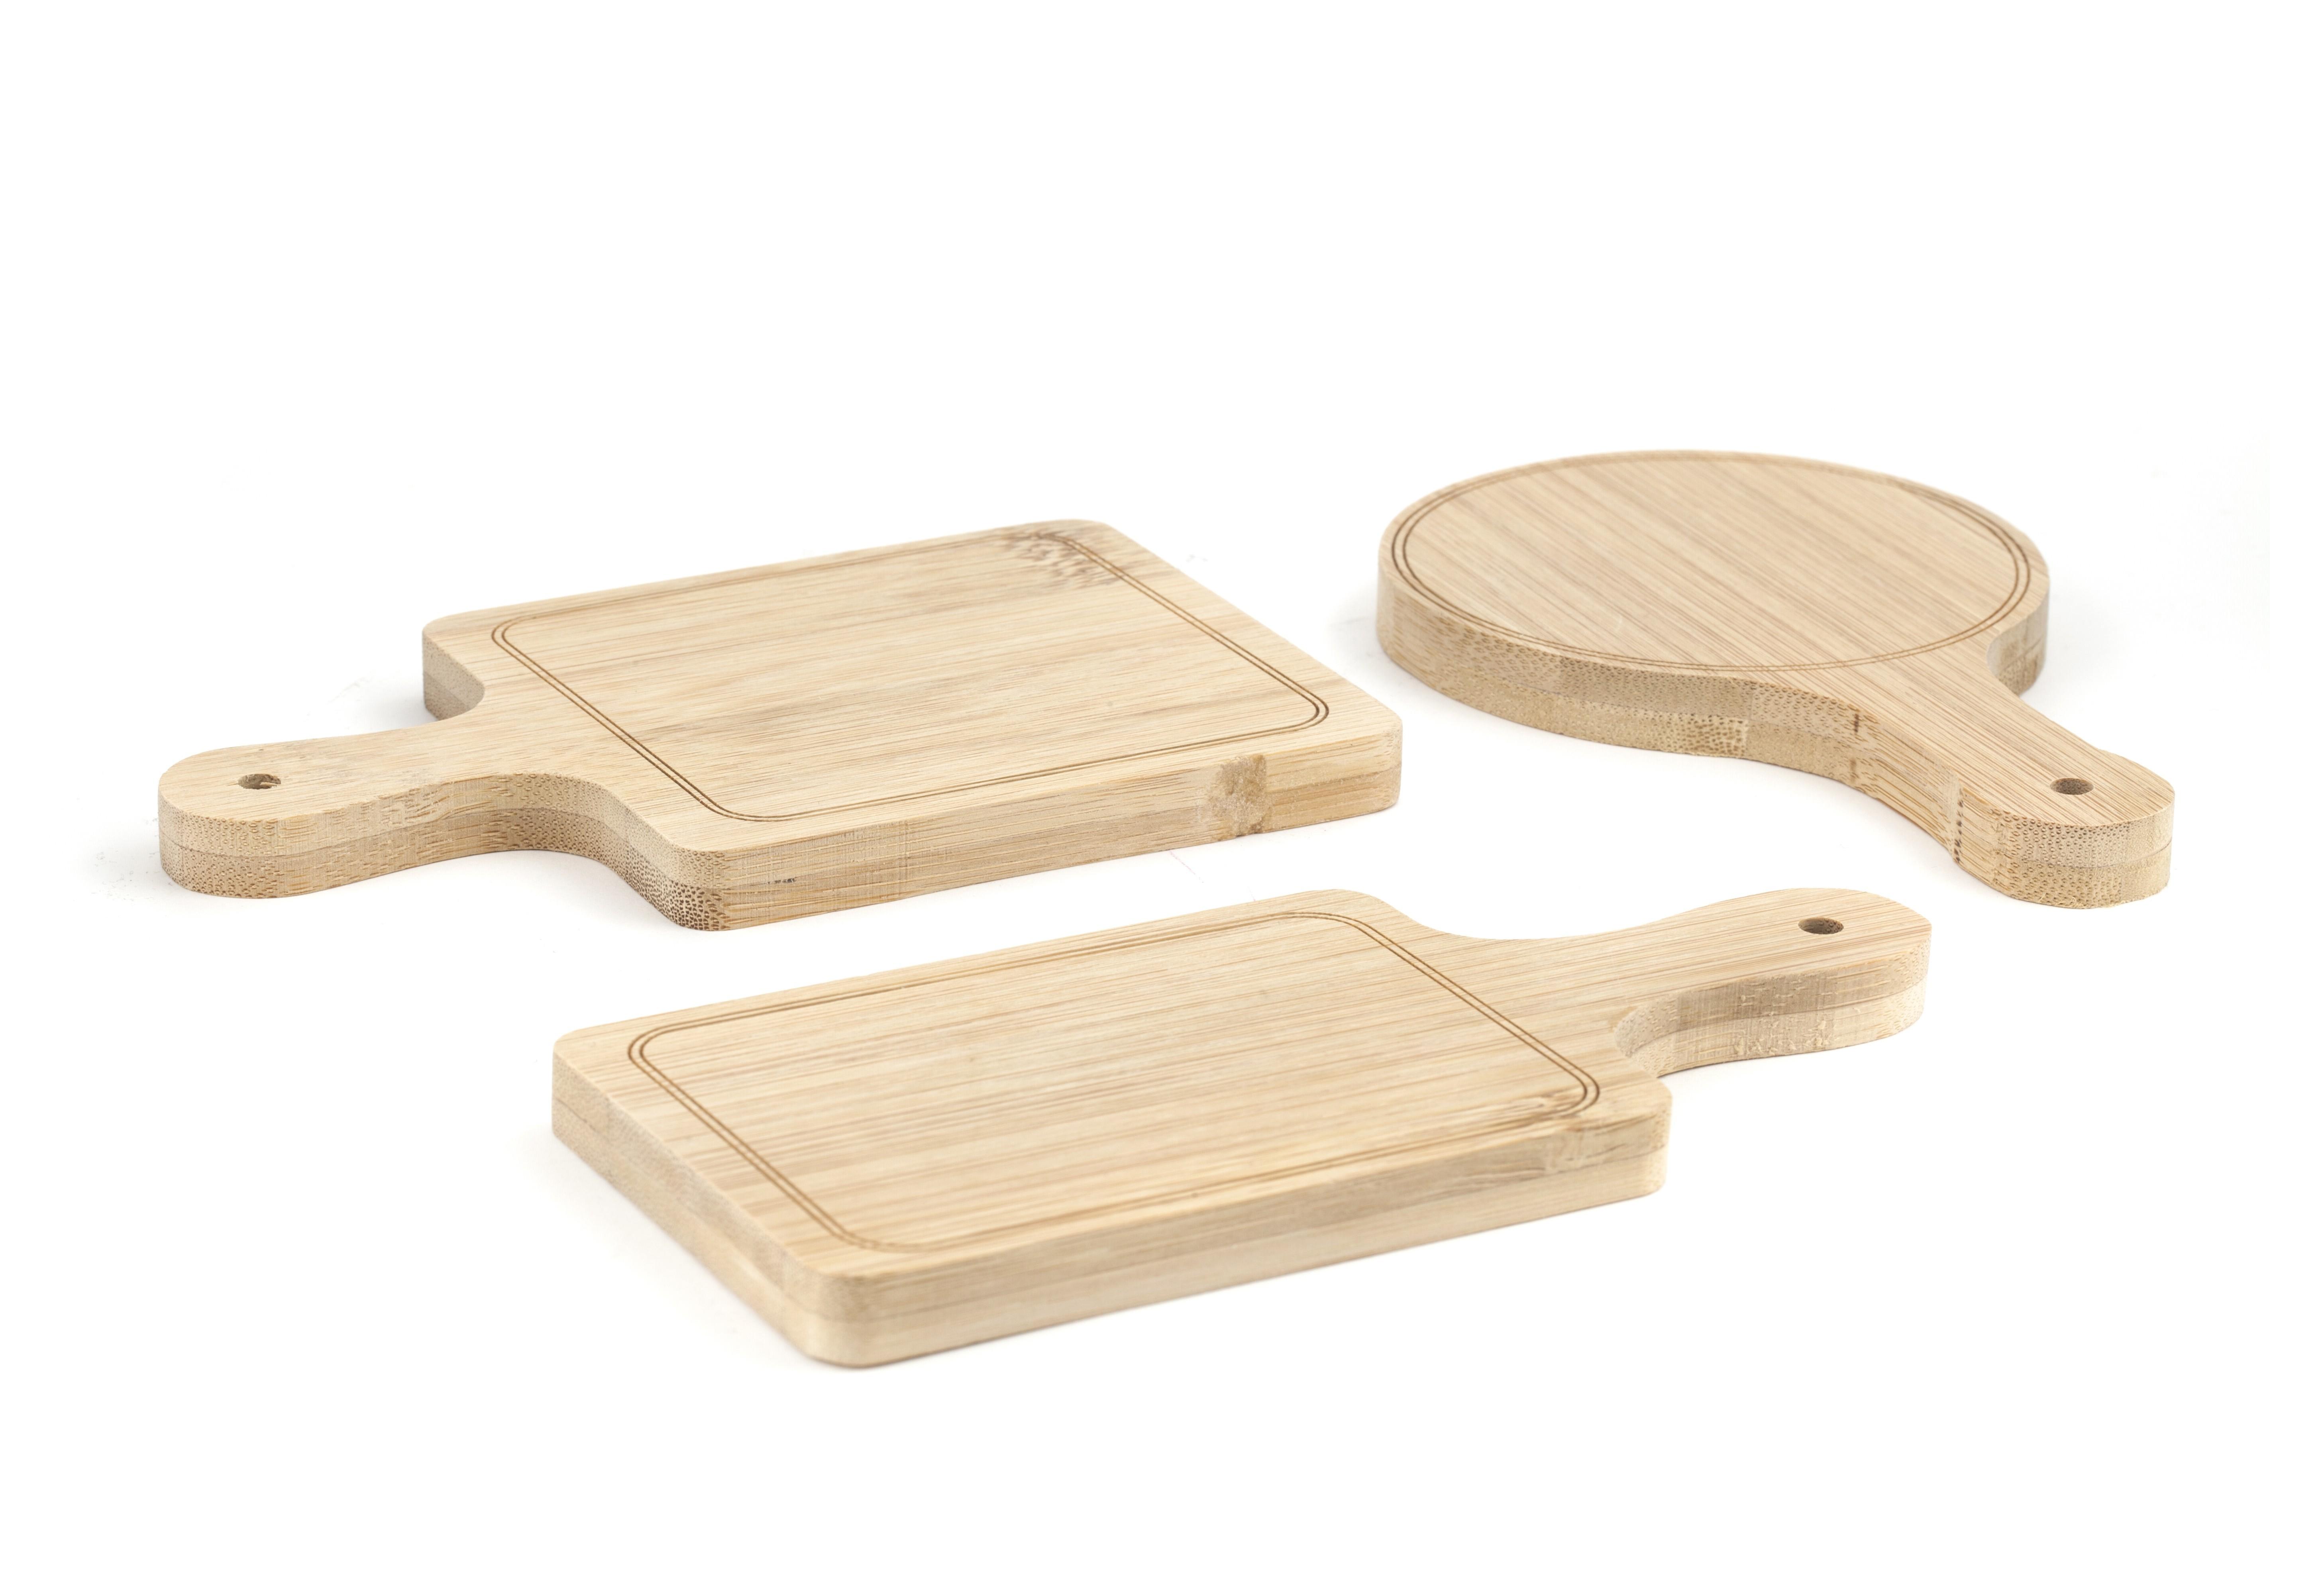 Houten keukenspullen - Houtspel - Houten accessoires en meer